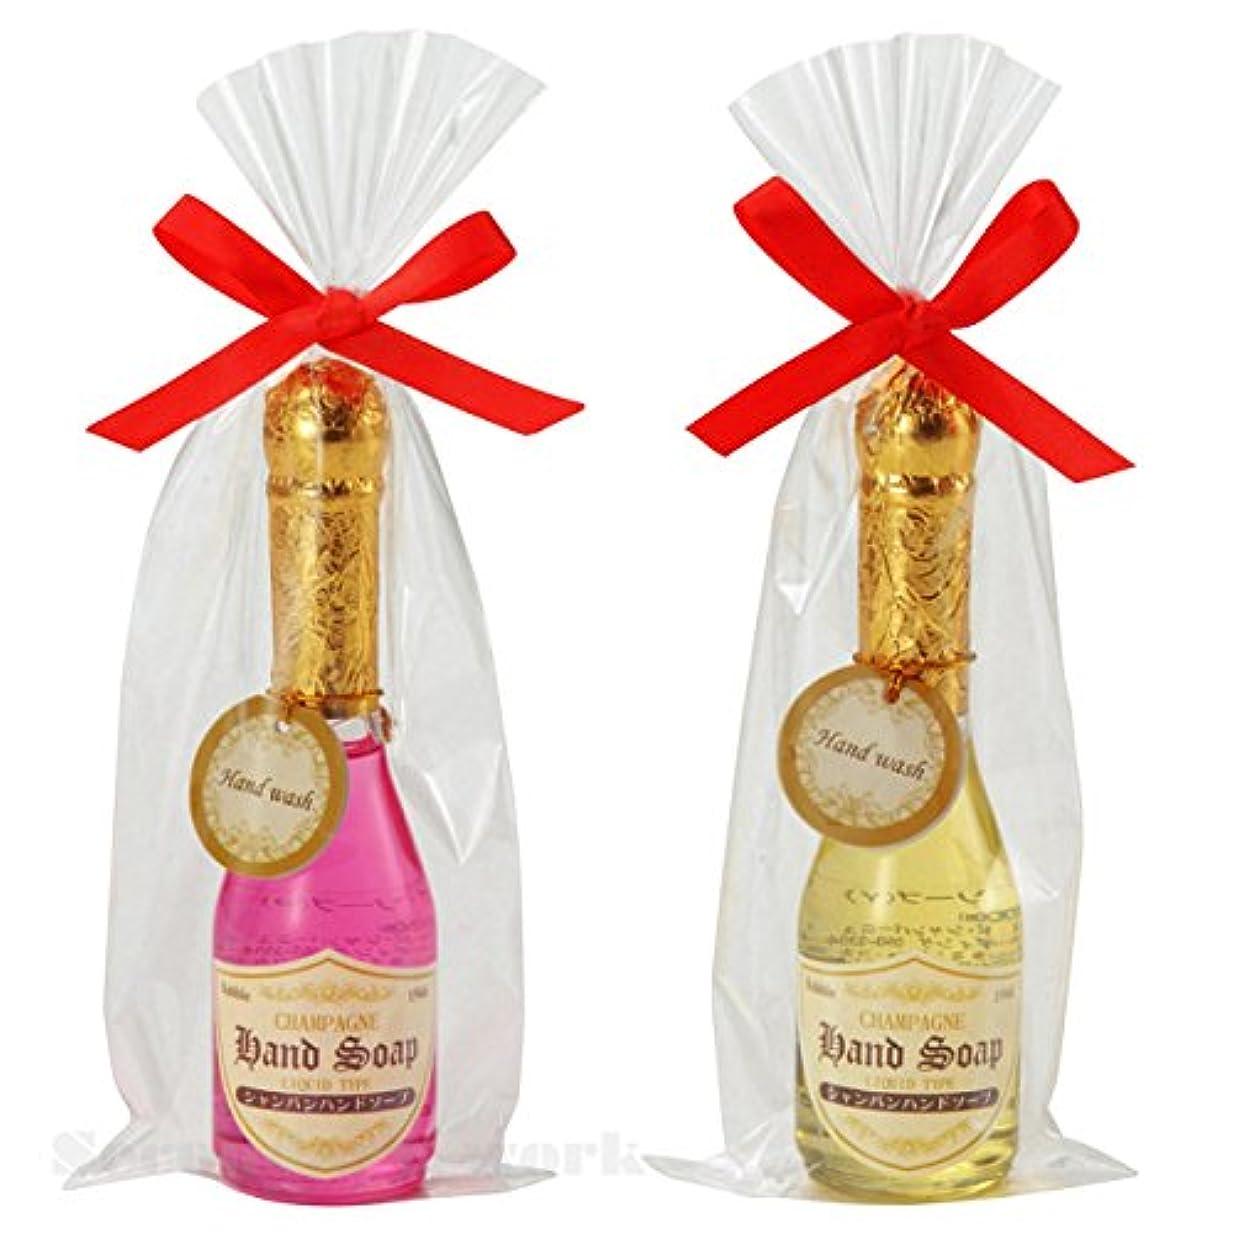 件名好色な鍔【96本セット販売(2色取混ぜ)】シャンパンハンドソープ イエロー?ピンク2色取混ぜ